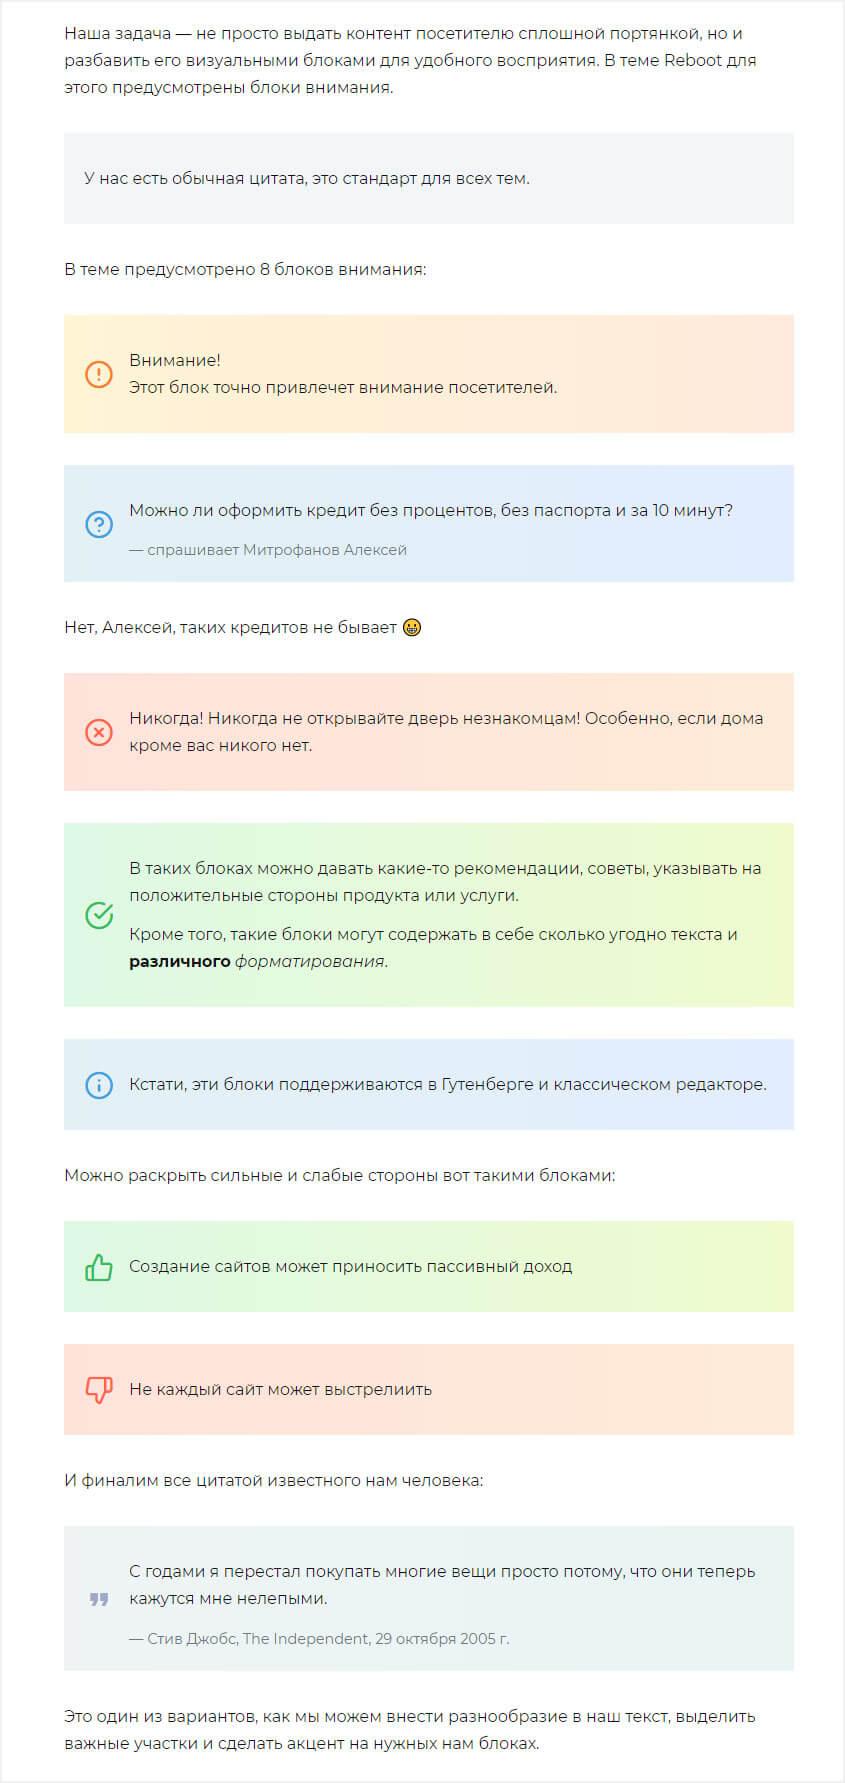 Примеры блоков внимания